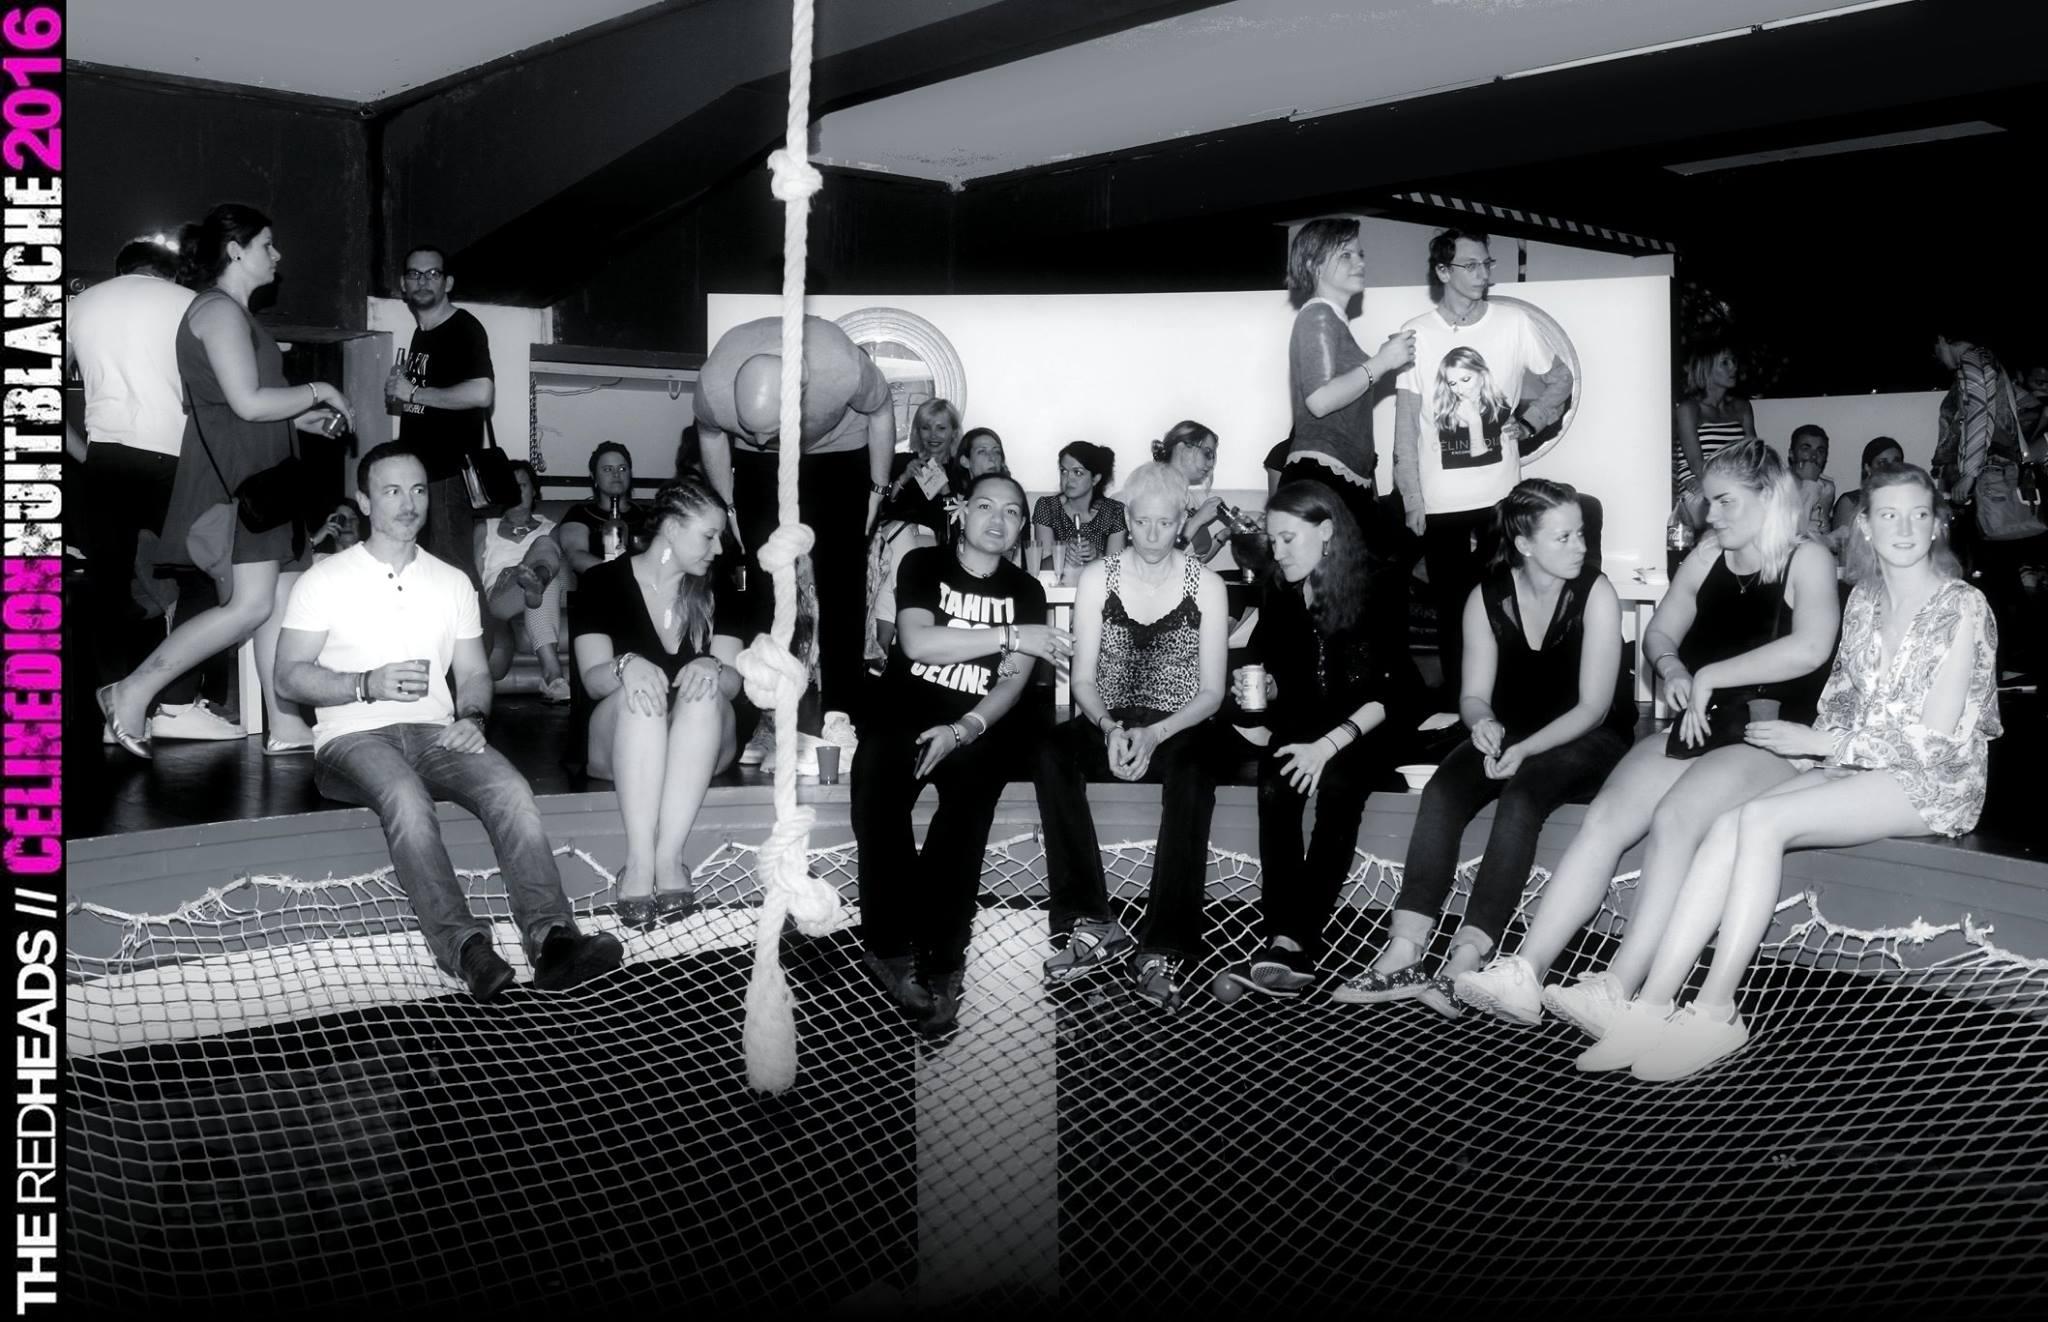 Nuit Blanche – Céline Dion AfterShow Party